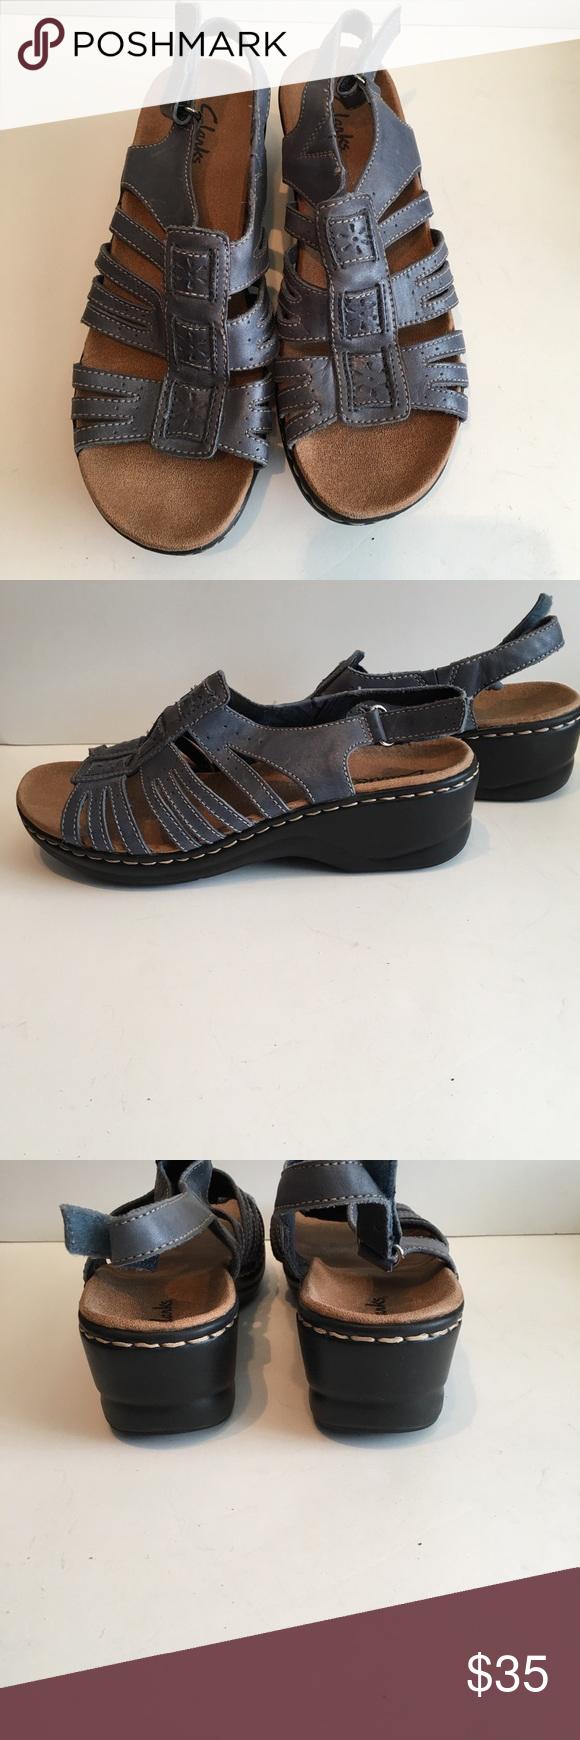 Clark Sandals Clark sandals with Velcro